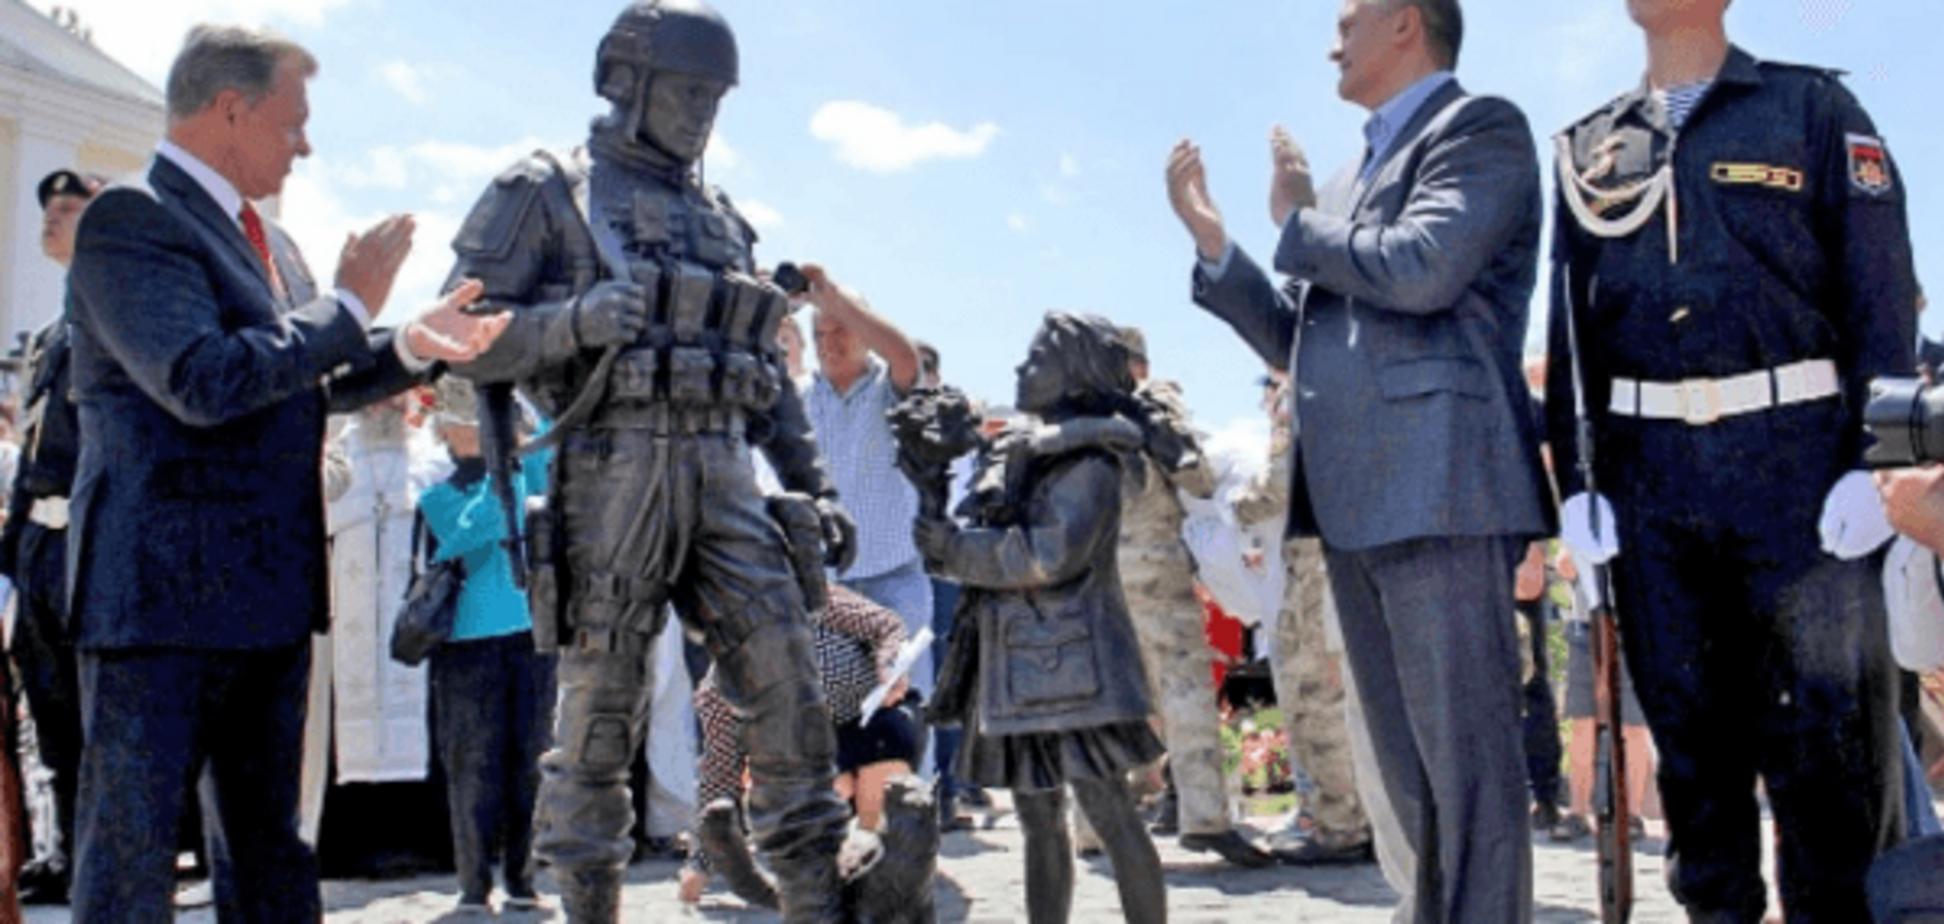 'Церетели наваяло': в сети высмеяли нелепый памятник оккупантам в Крыму. Фотофакт